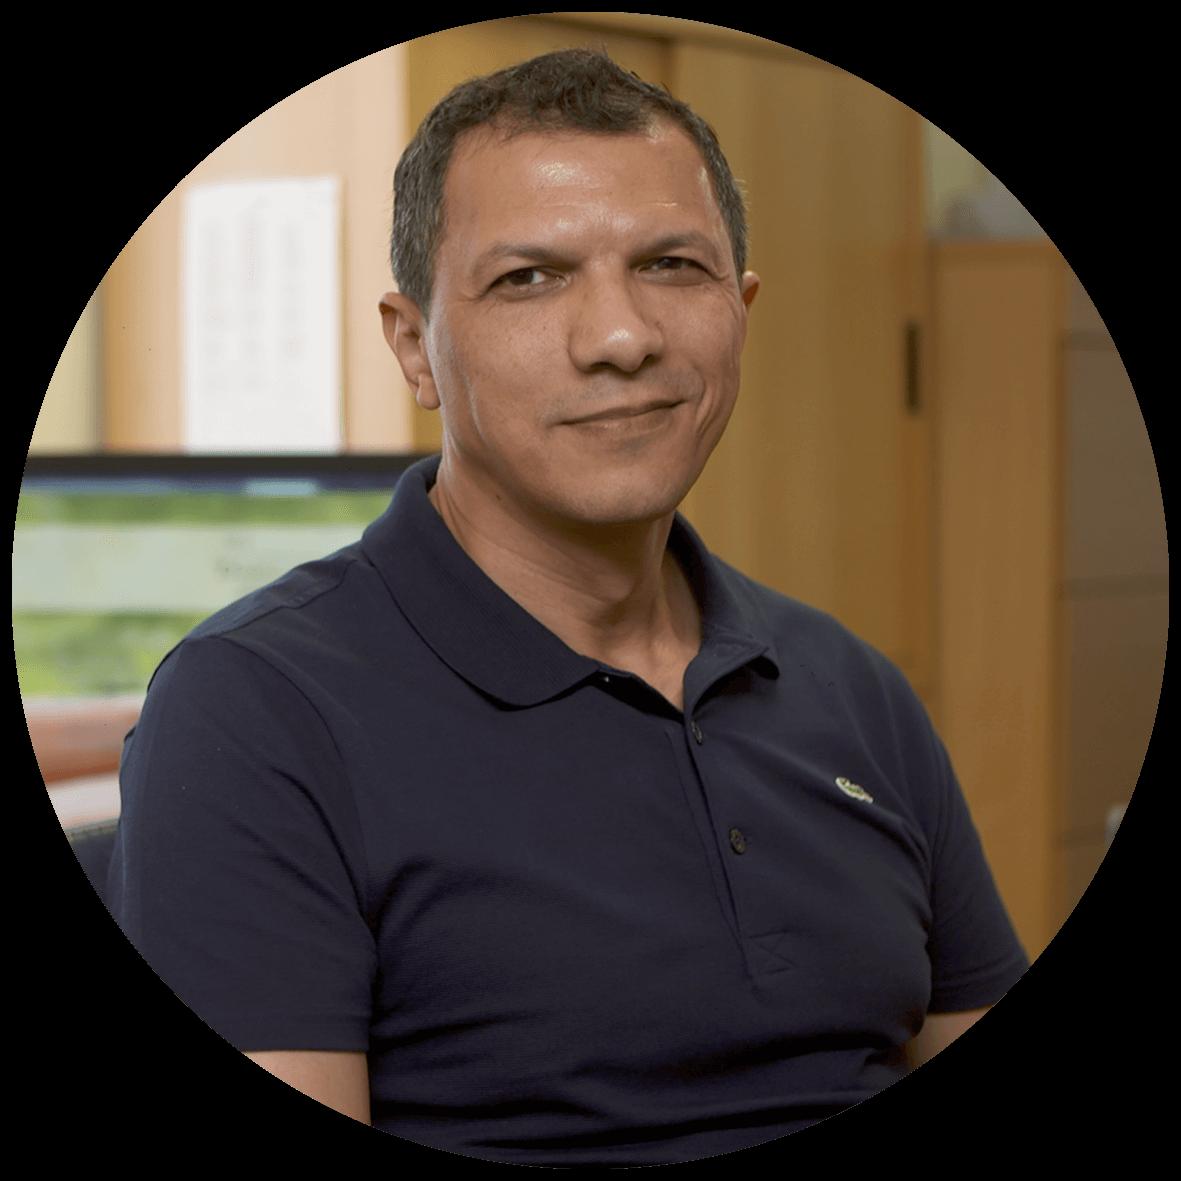 Jamal Bounoua <div>Ehem. Profi-Fußballer & Gründer</div>